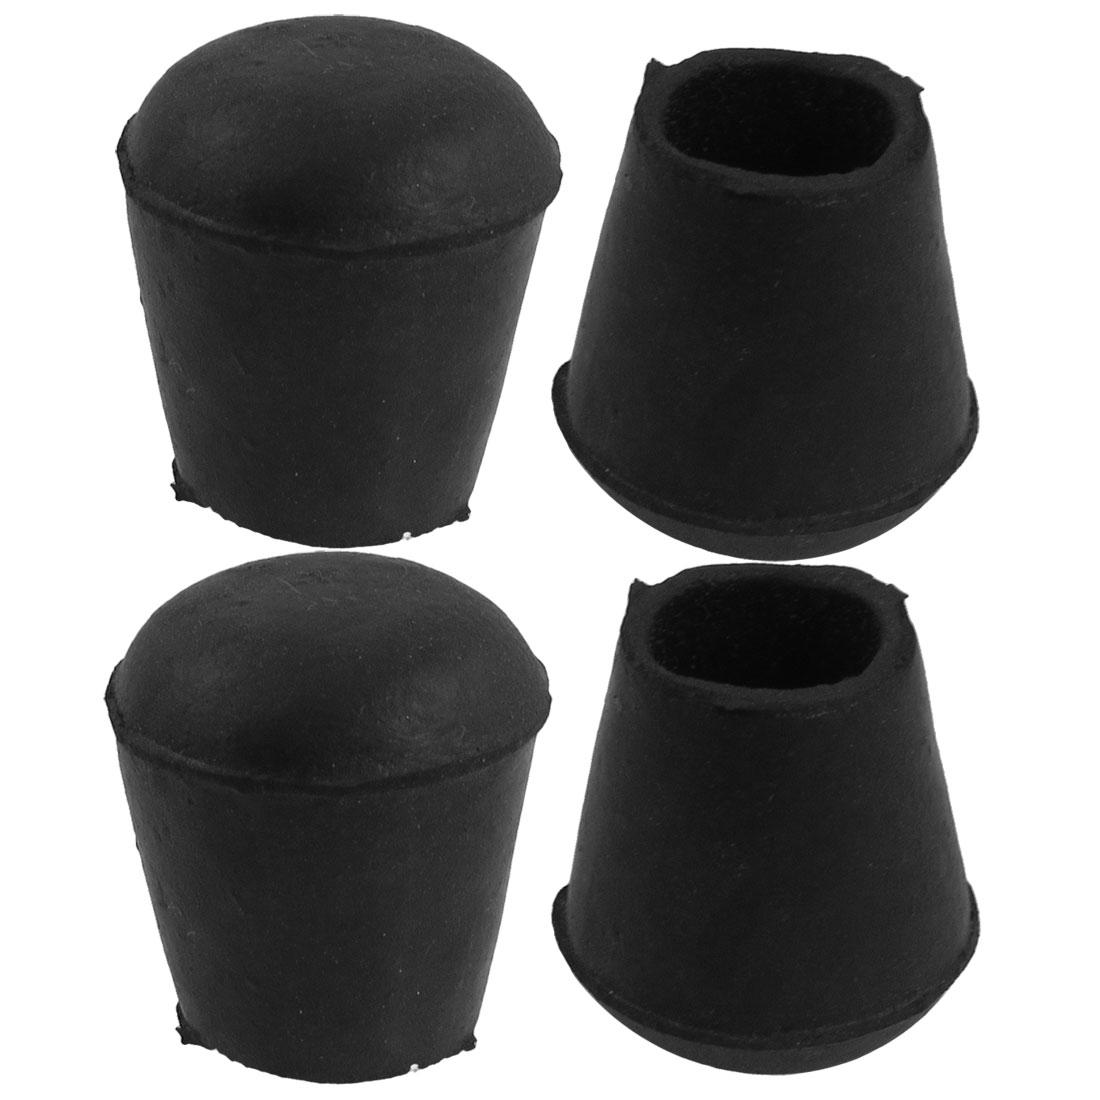 2.1cm Inner Dia Nonslip Bottom Rubber Round Table Chair Foot Cover Holder 4 Pcs